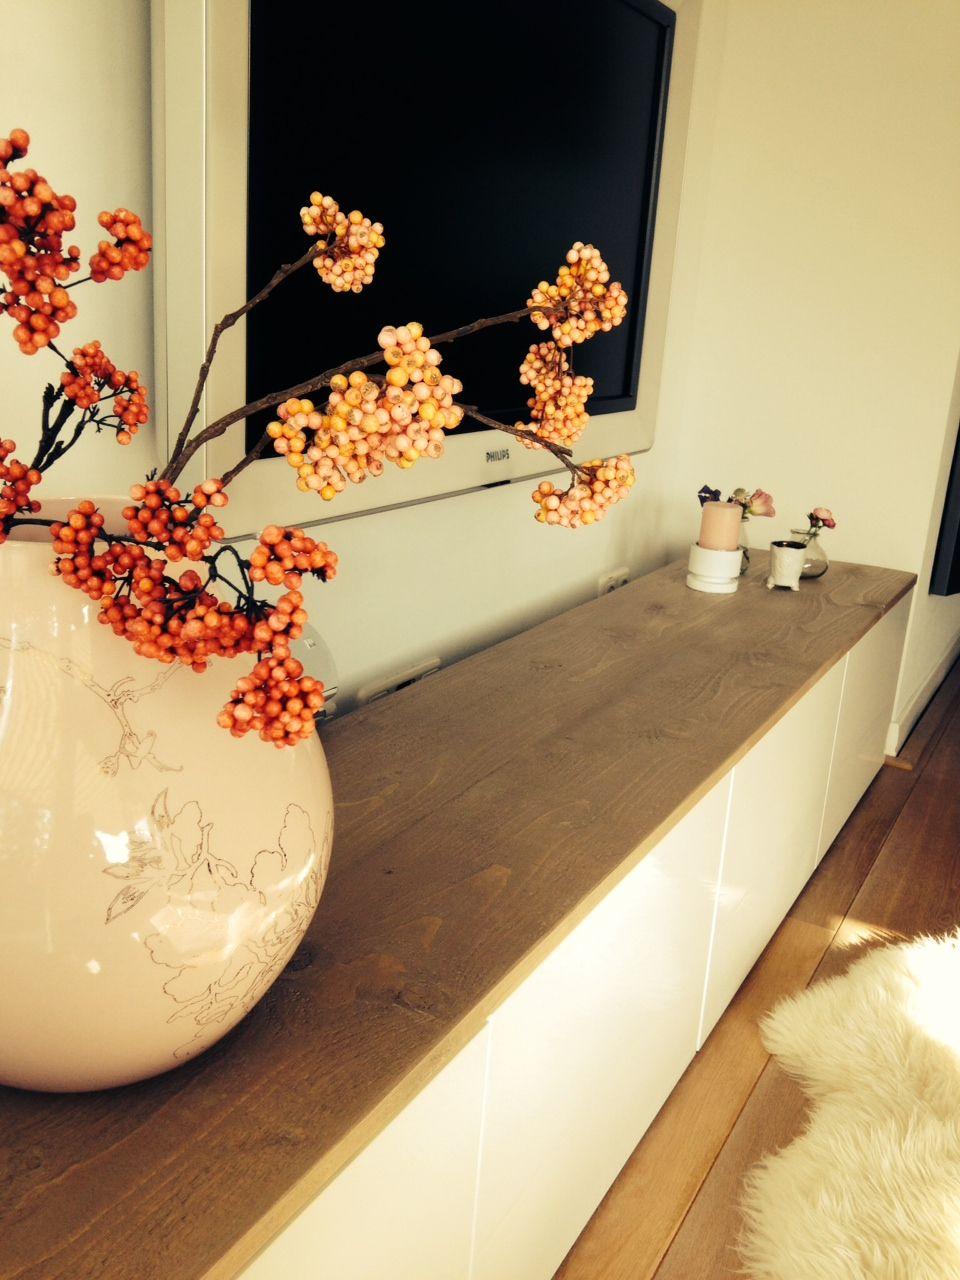 Photo of Fernsehschrank von IKEA Besta Schränke mit Gerüstholzregal darauf. Ausrüstung und dr …